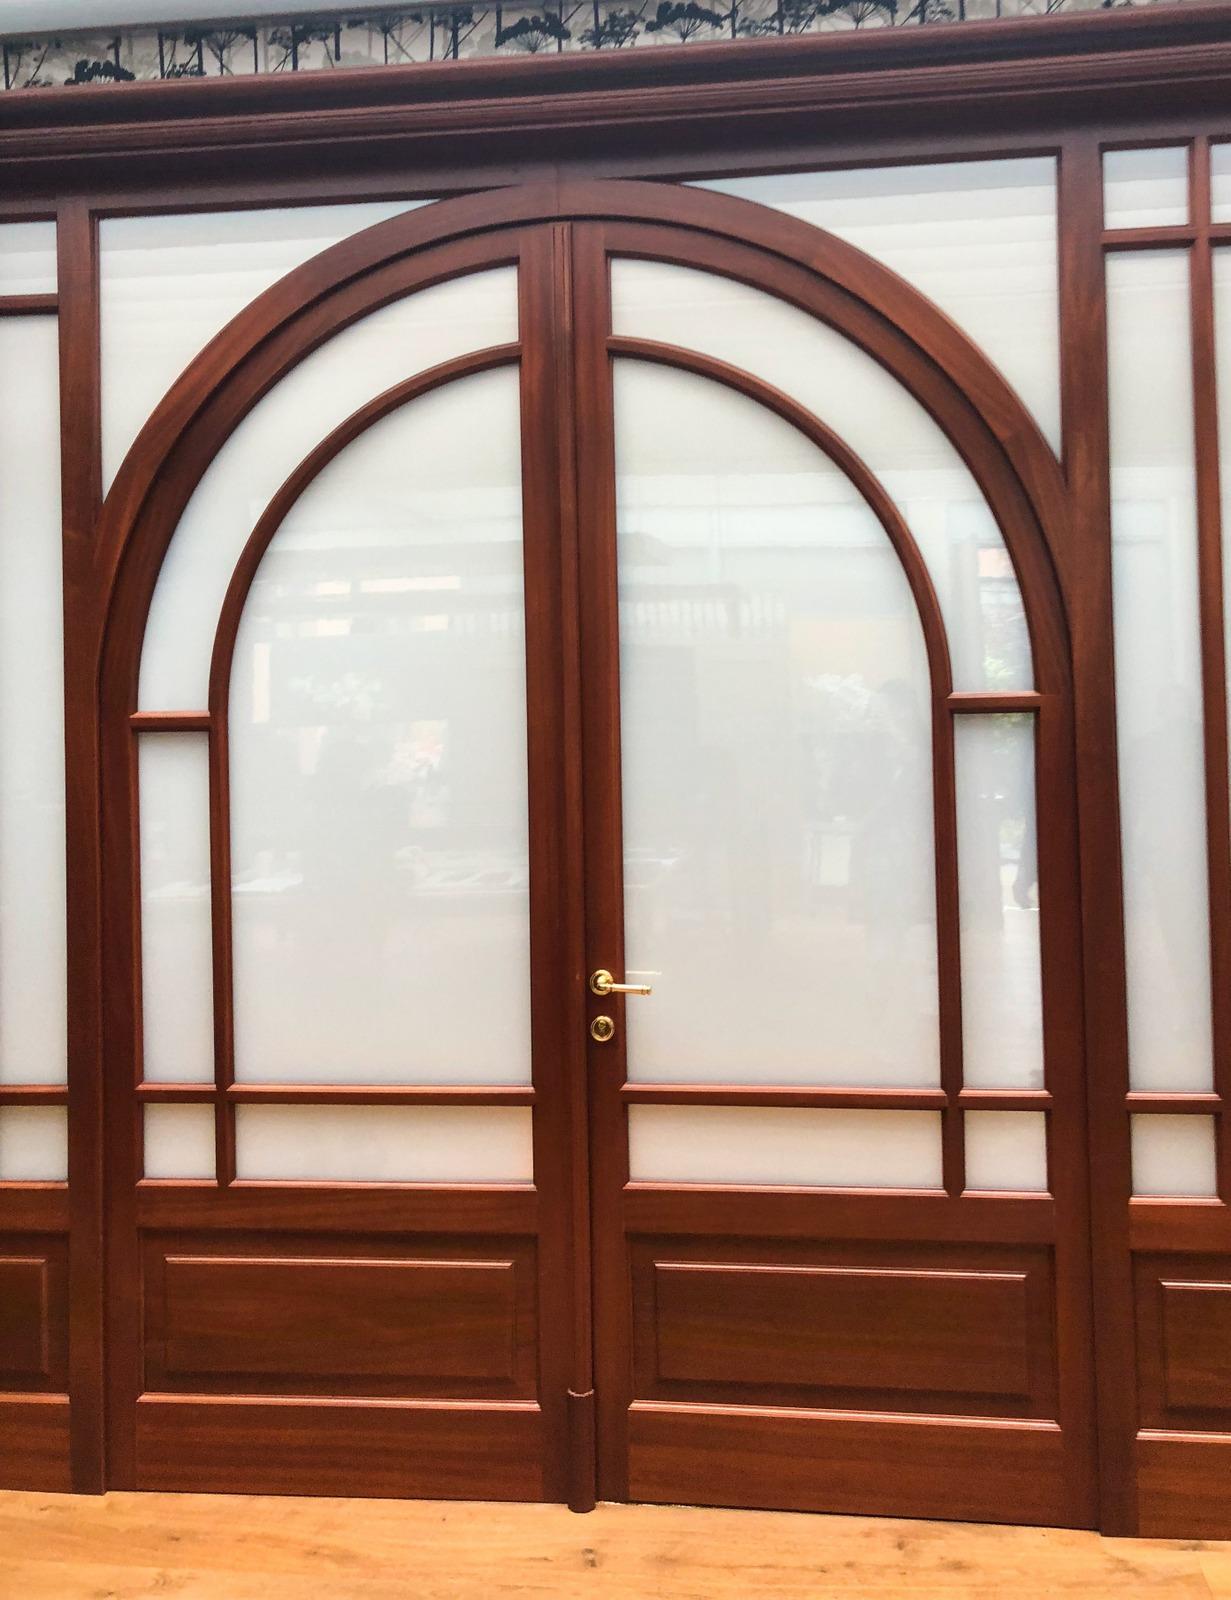 Vitale Barberis Canonico Archive Room